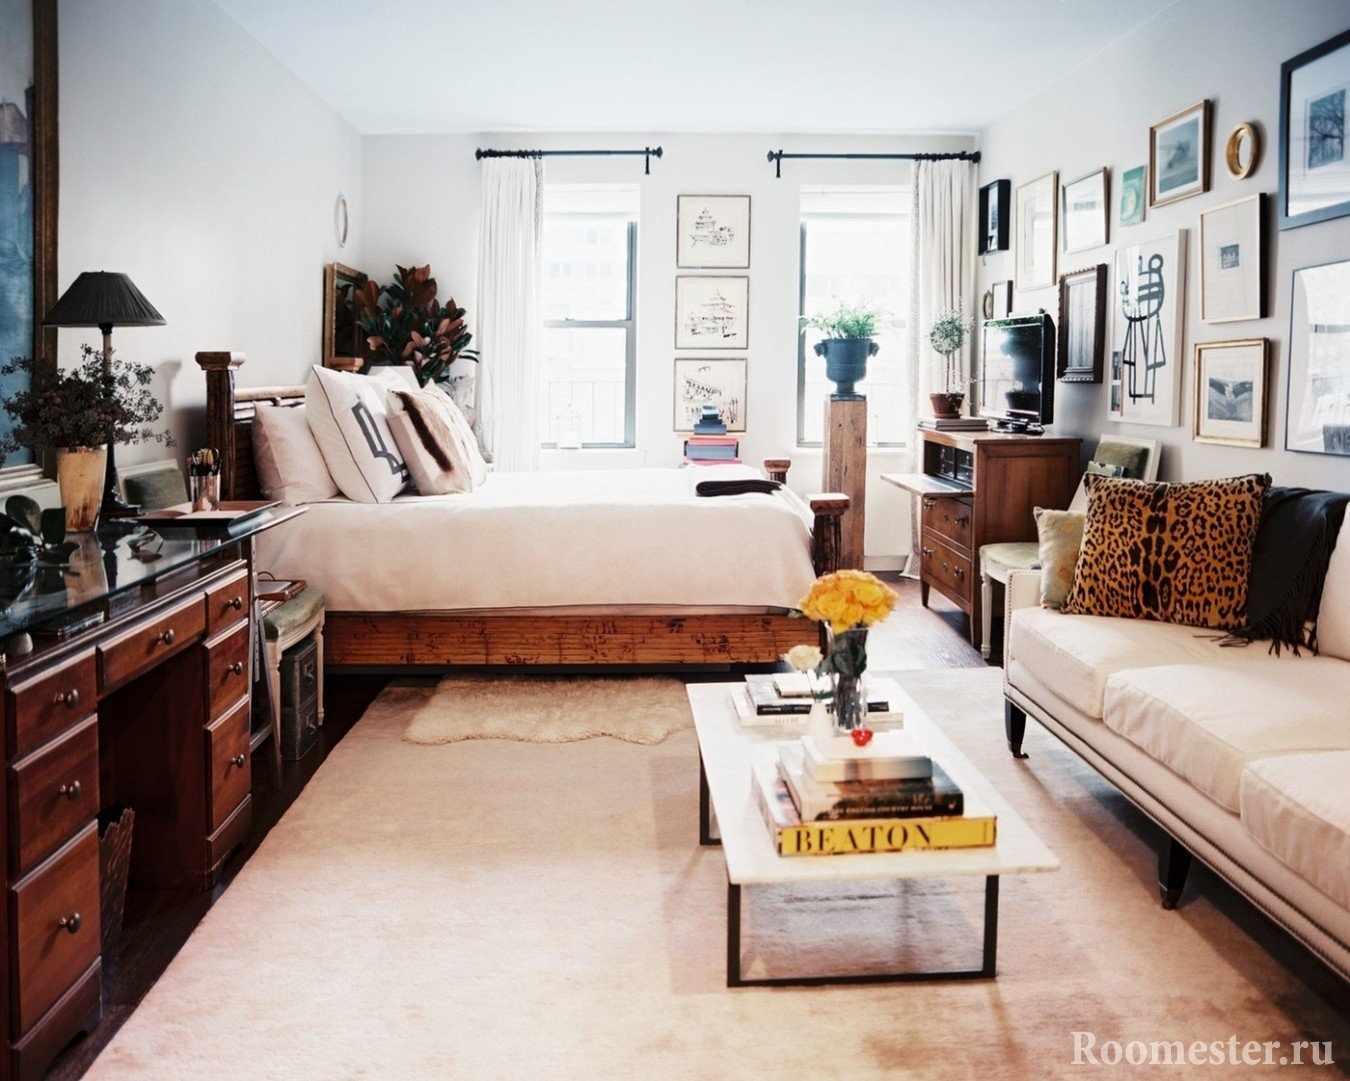 Комната 18 квадратных метров с кроватью